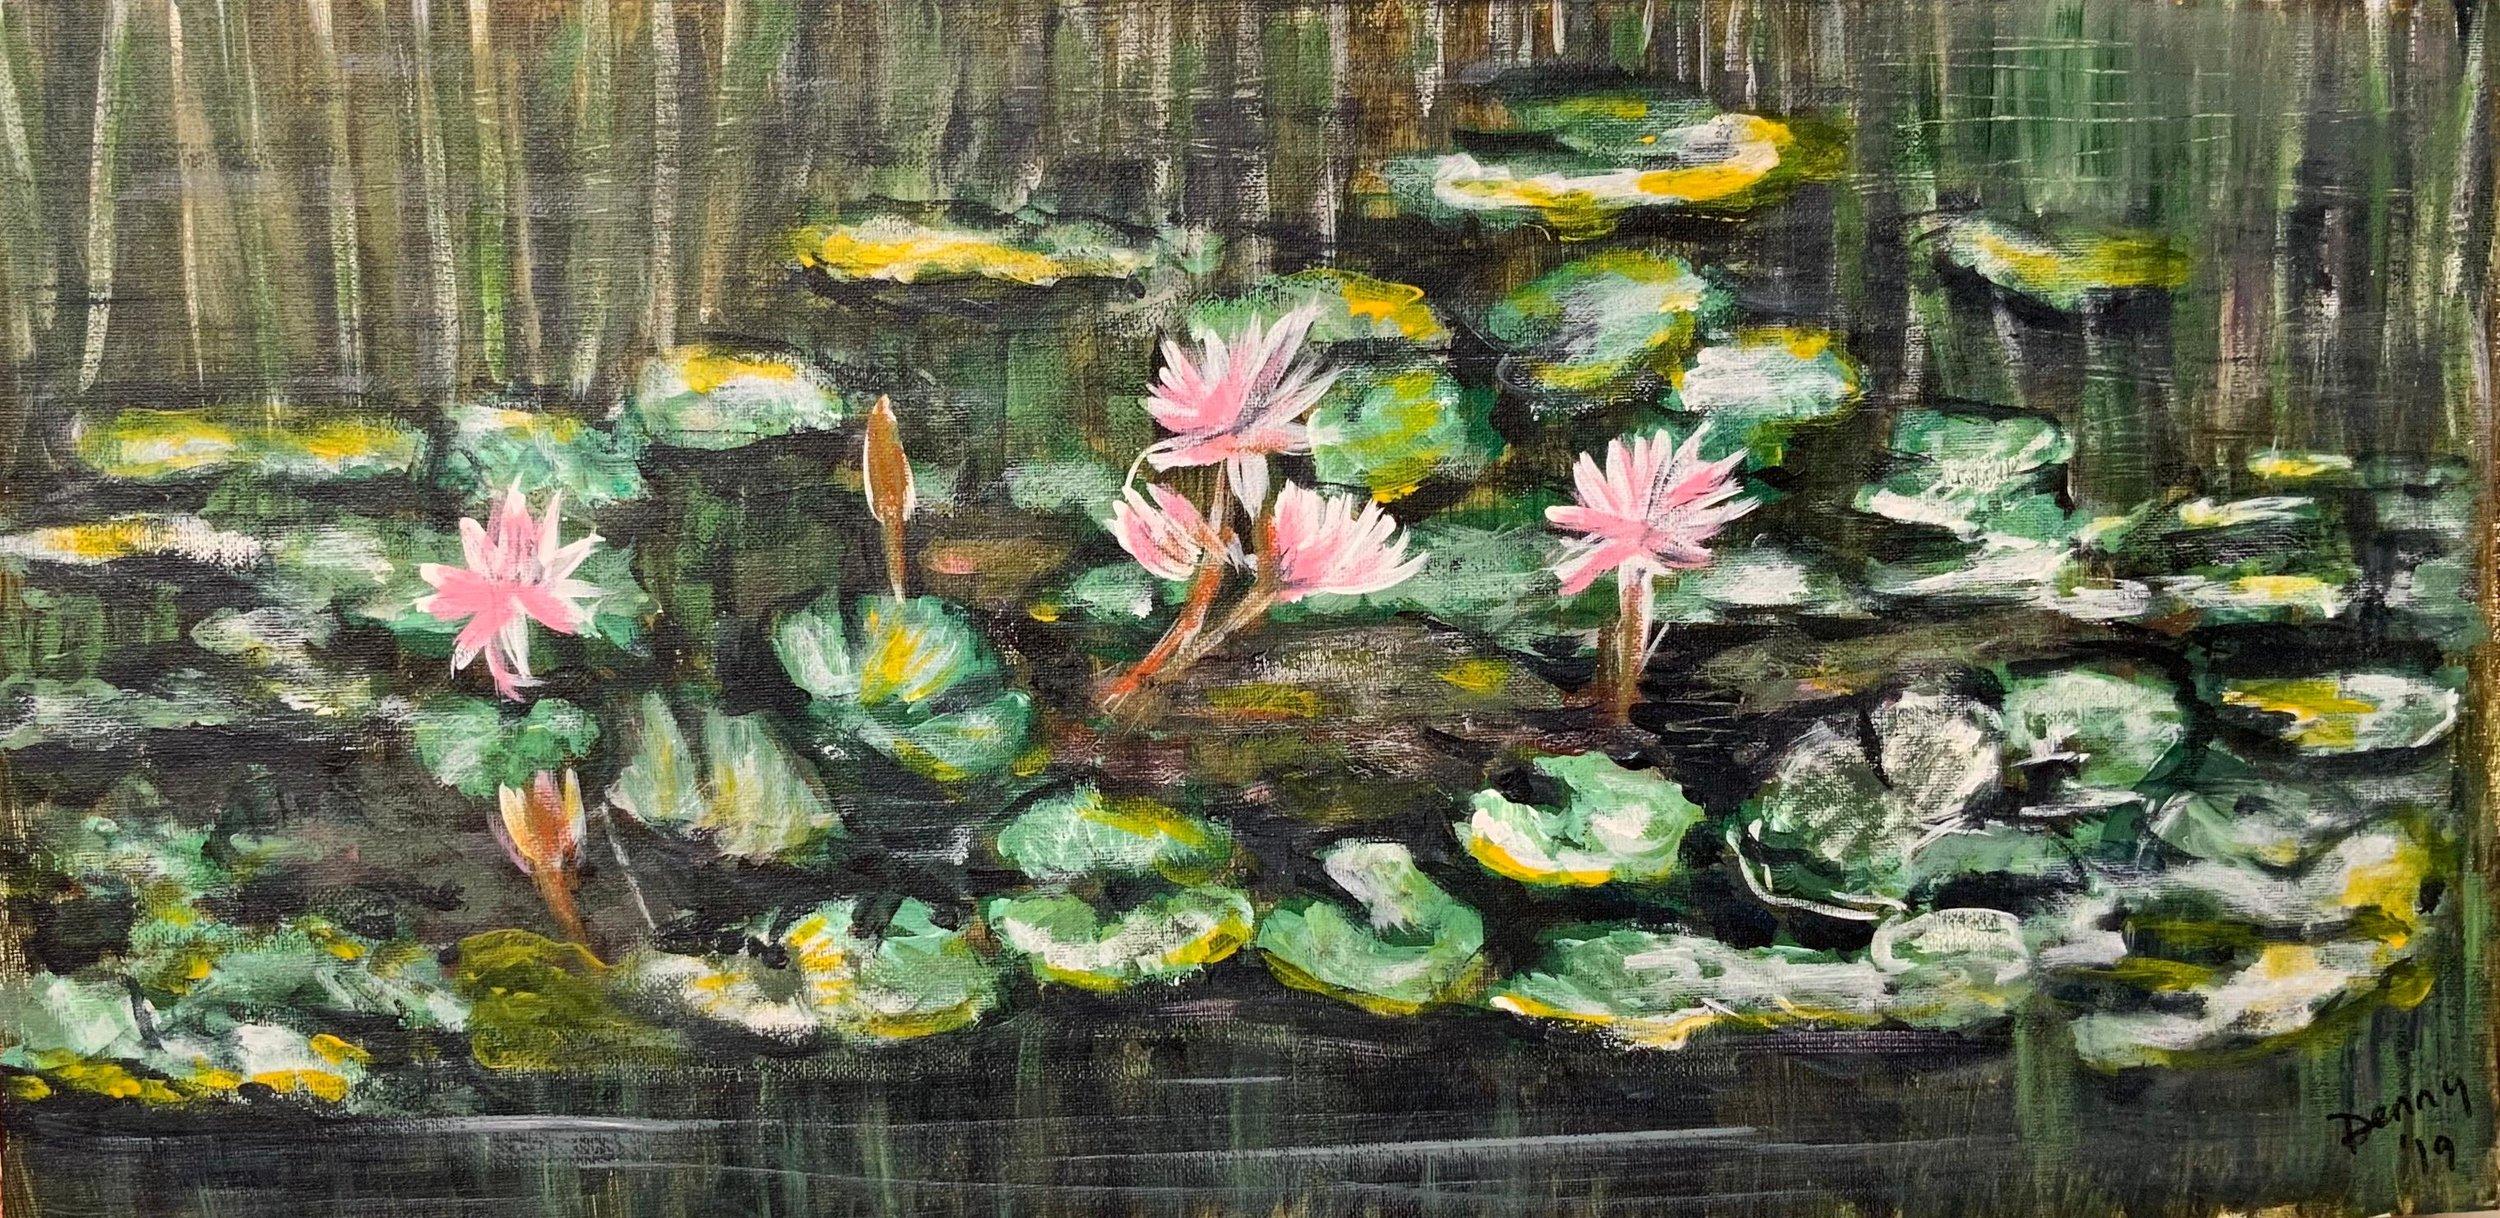 Print 22 - Waterlilies - Size: 350 x 171